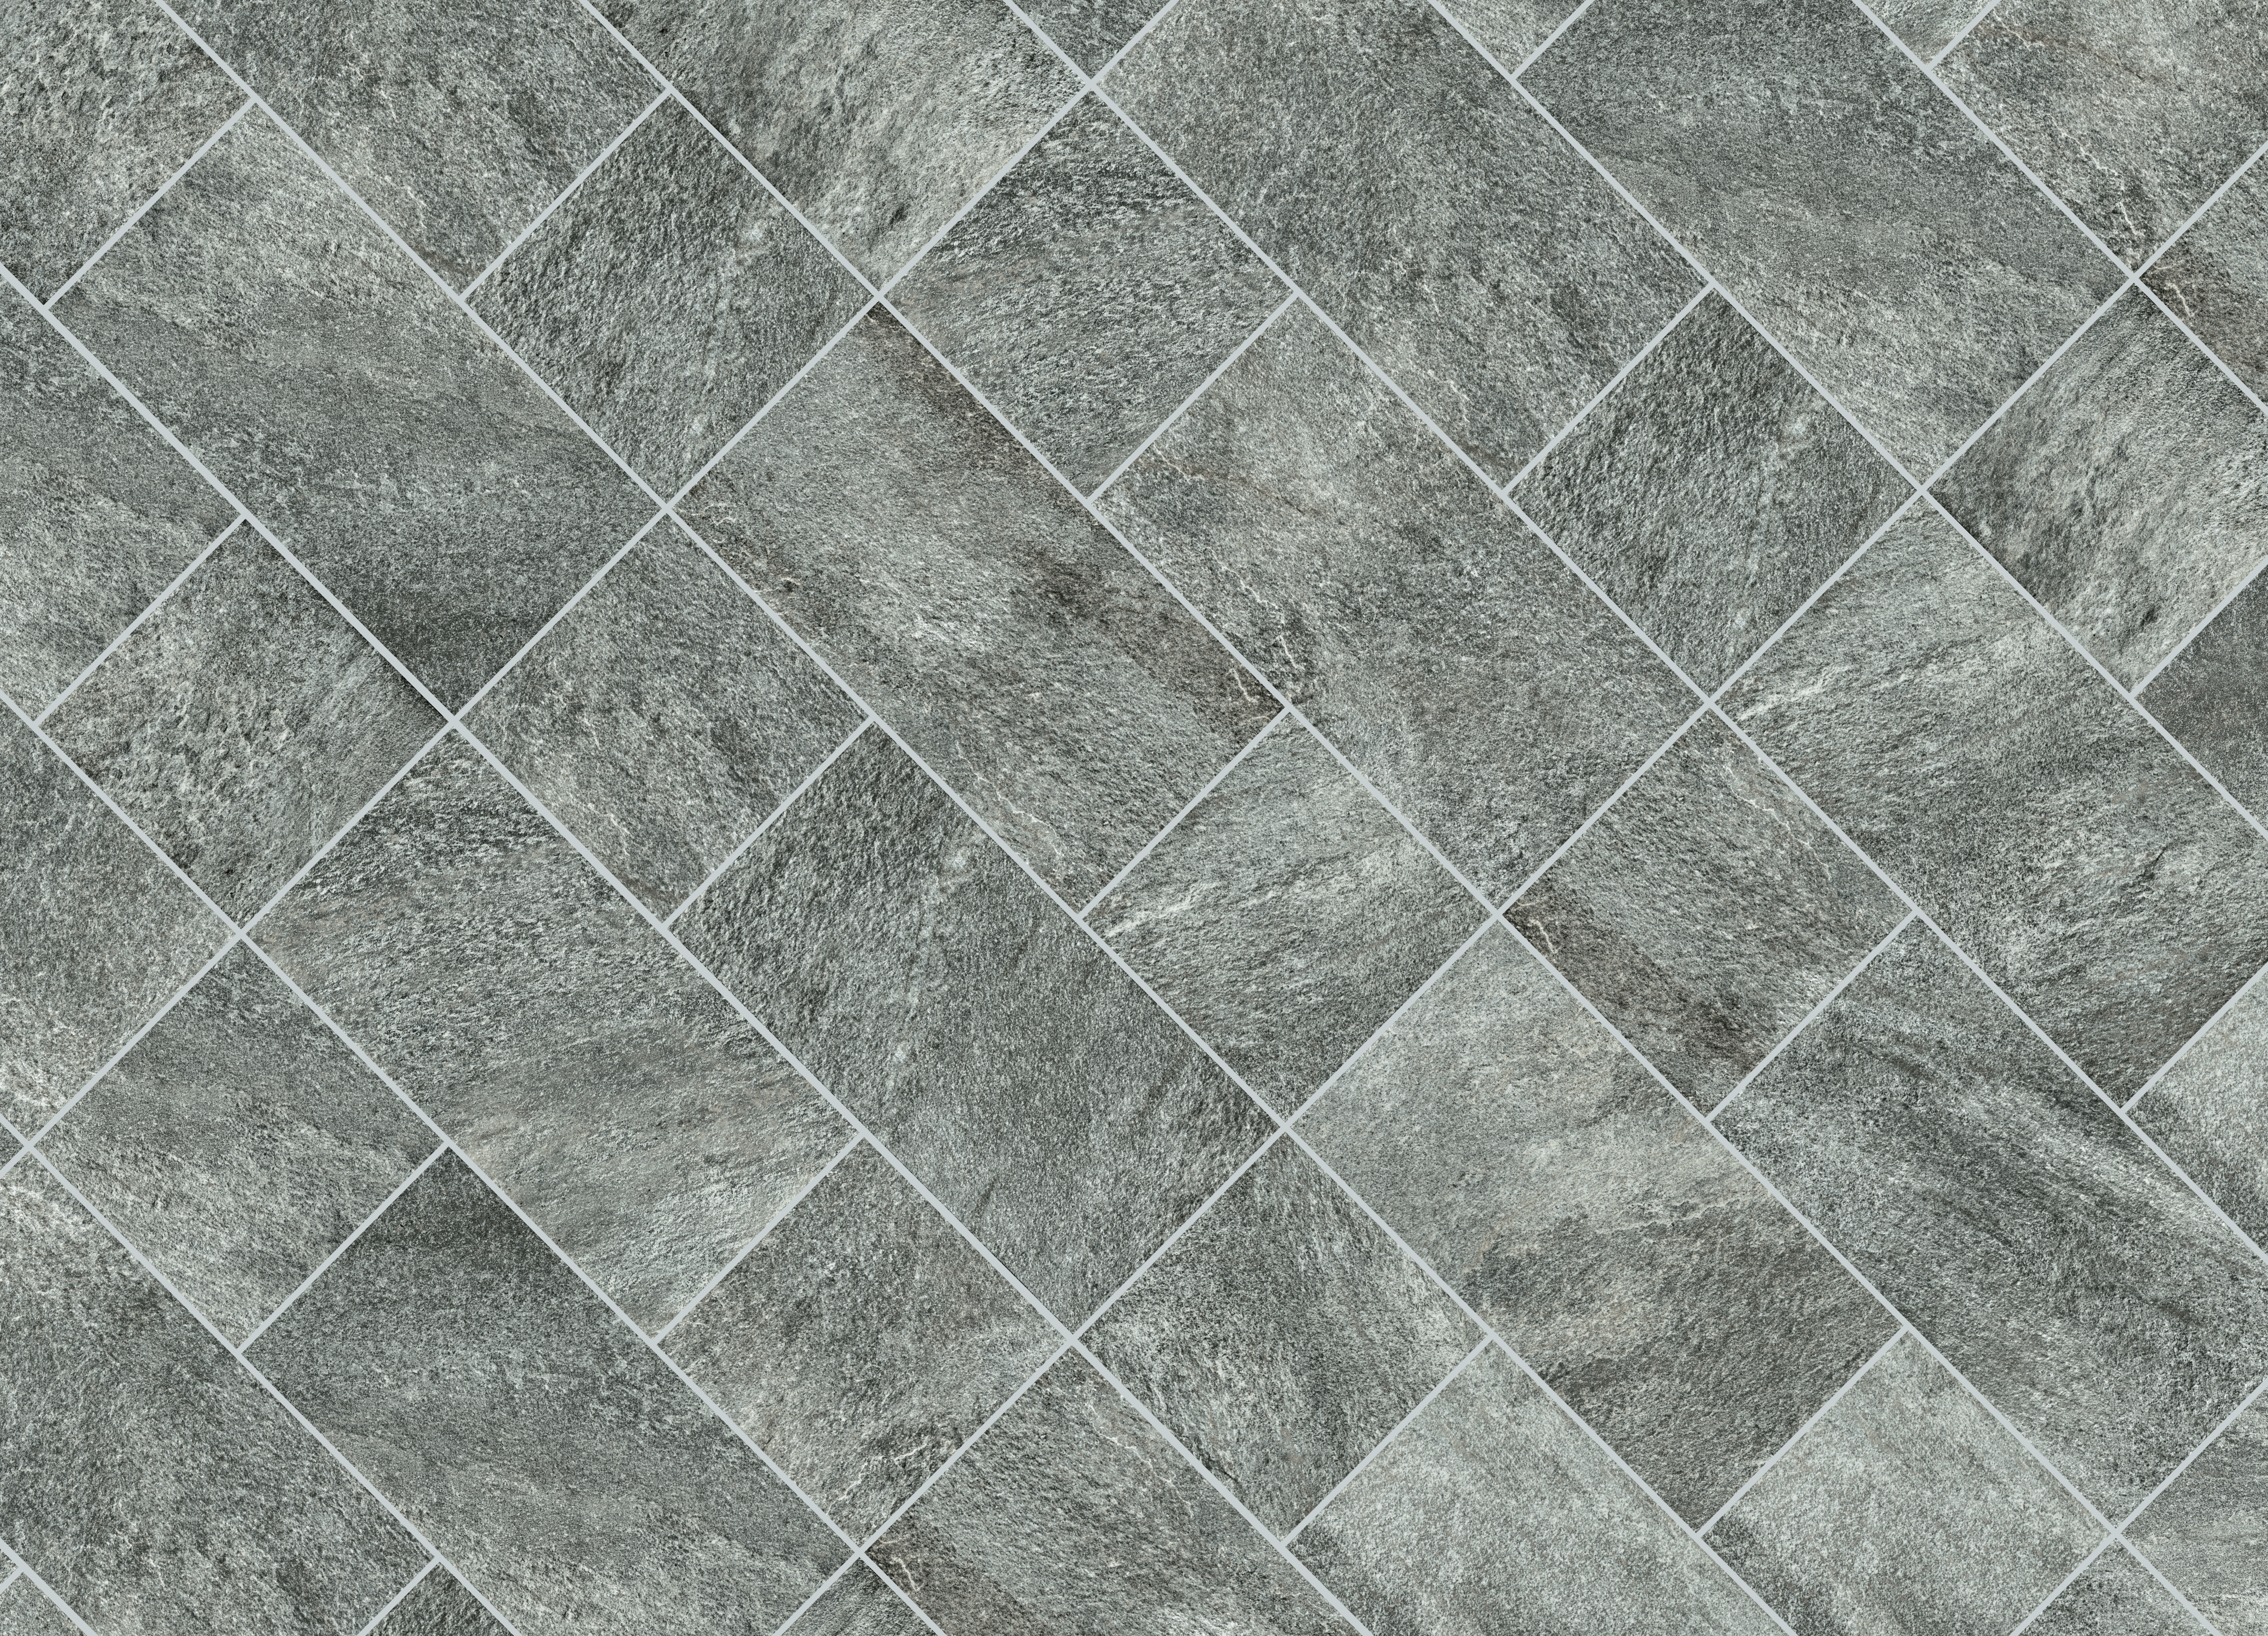 Pavimento stampa digitale per esterni in piastrelle effetto pietra